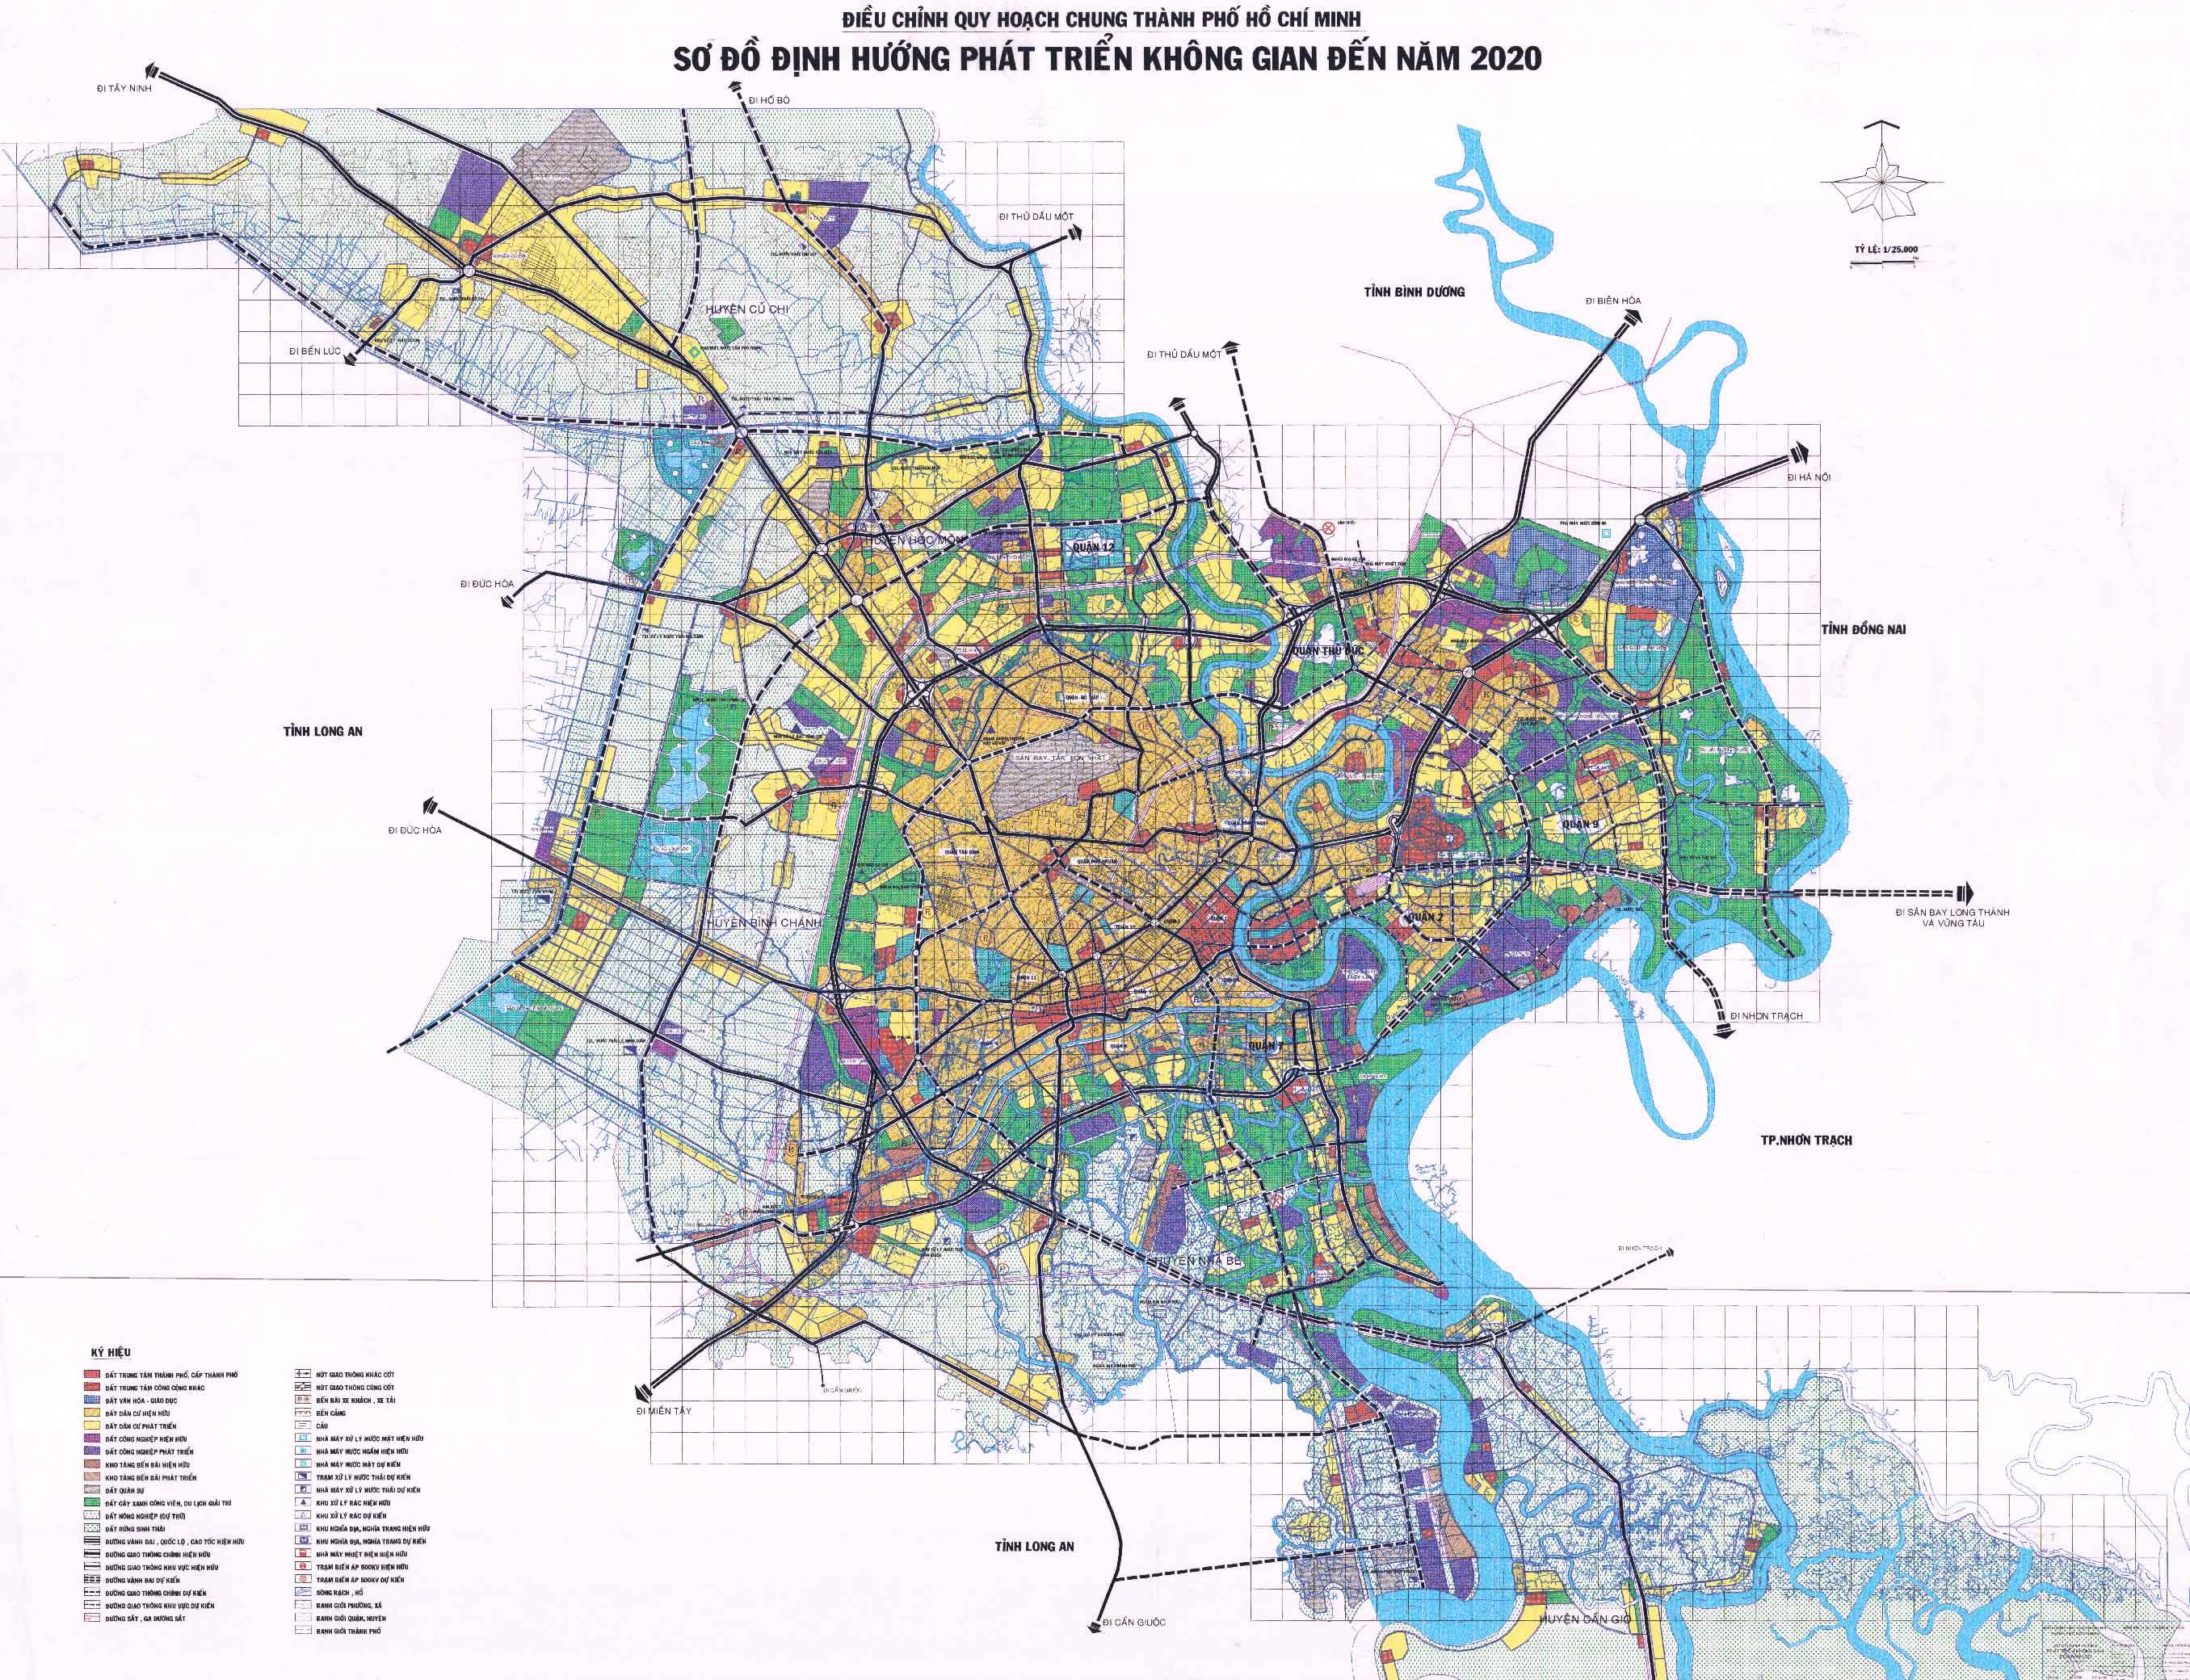 TP HCM duyệt và điều chỉnh nhiều quy hoạch quận Thủ Đức, quận 8 và 6